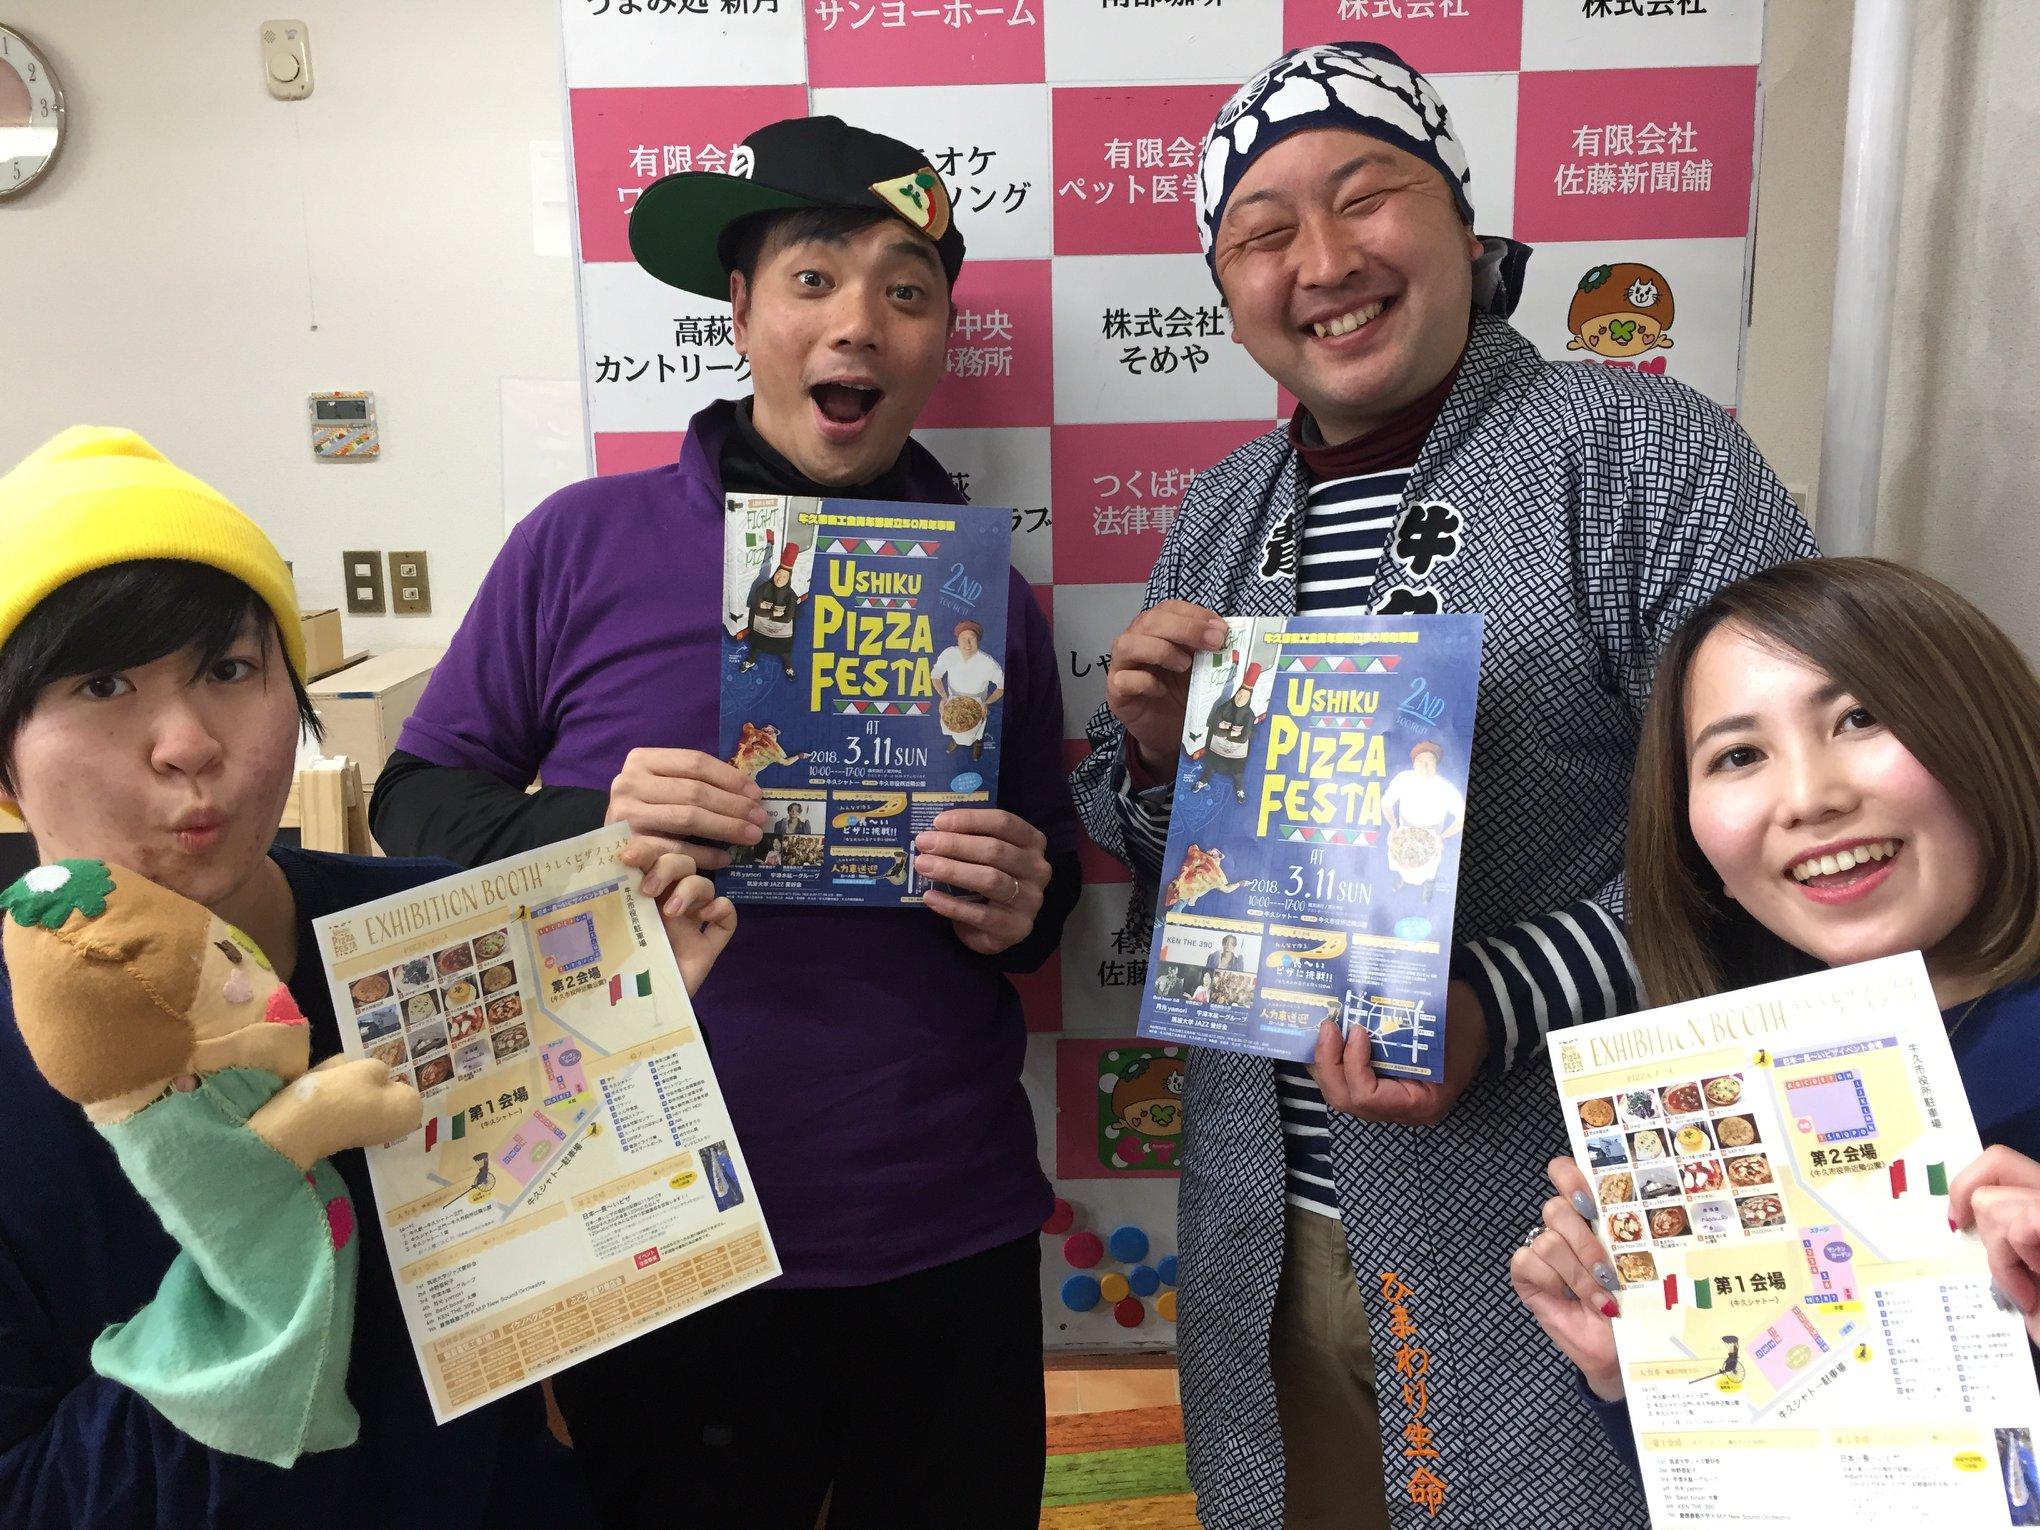 [2018/3/8]♡夕暮れモーモー #224 劇団創造市場 座長 設楽 馴さん